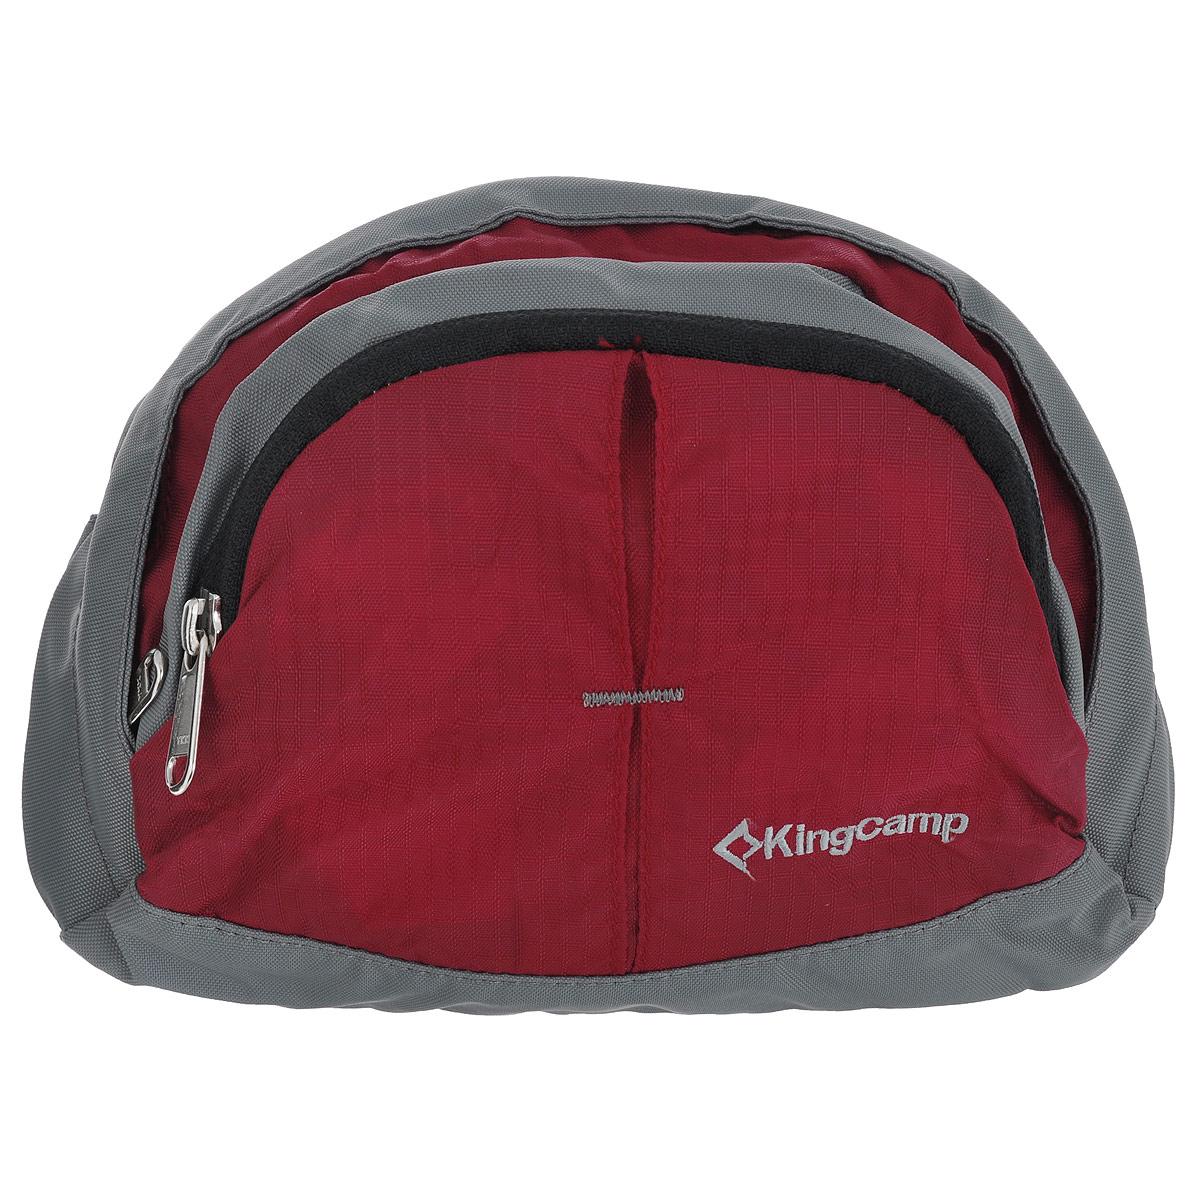 Сумка поясная KingCamp Firefly, цвет: красныйУТ-000059671Поясная сумка KingCamp Firefly изготовлена из нейлона и полиэстера. Сумка имеет 1 основное отделение с накладным карманом, которое закрывается на застежку молнию. На лицевой стороне расположен накладной карман на застежке-молнии с сетчатым карманом внутри. Такая сумка отлично подойдет любителям фитнеса и пробежек. В нее можно положить необходимые вещи, такие как плеер, ключи, телефон, не боясь, что они потеряются. Сумка крепится на пояс при помощи ремня с пластиковым карабином. Максимальная длина пояса: 95 см.